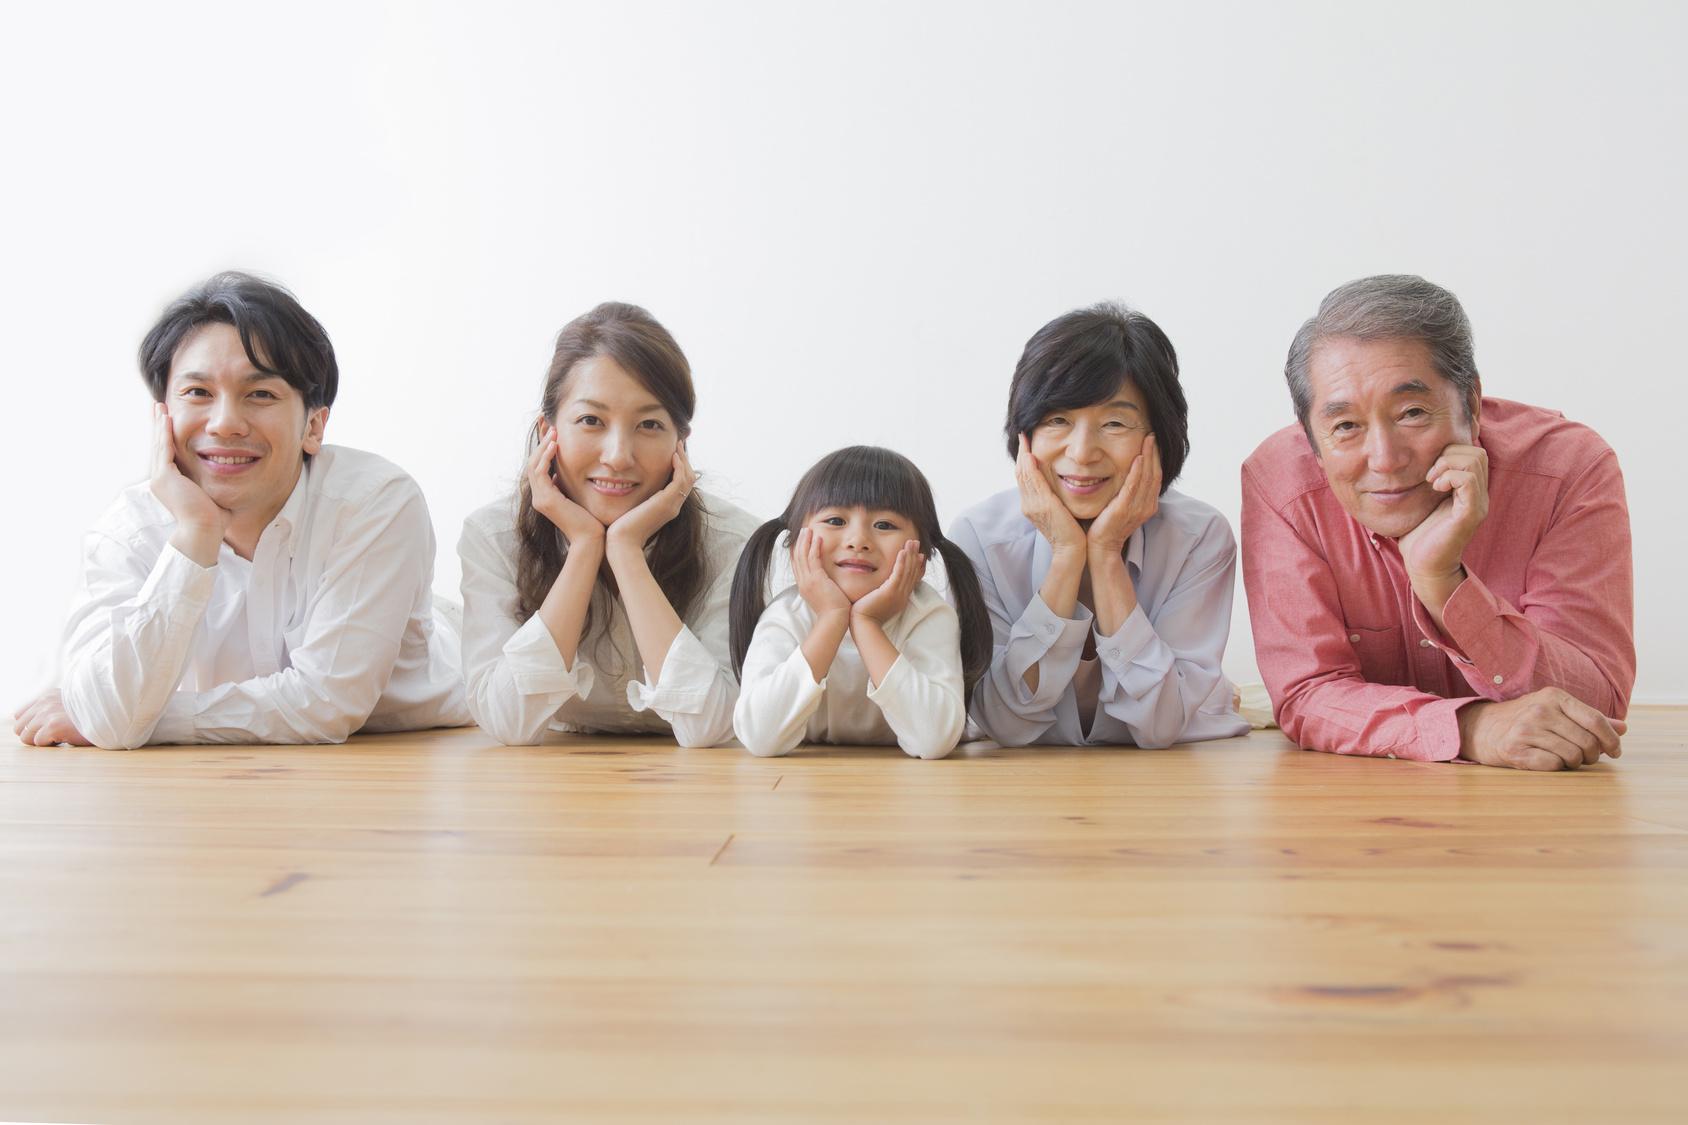 インプラント治療に年齢制限はある?